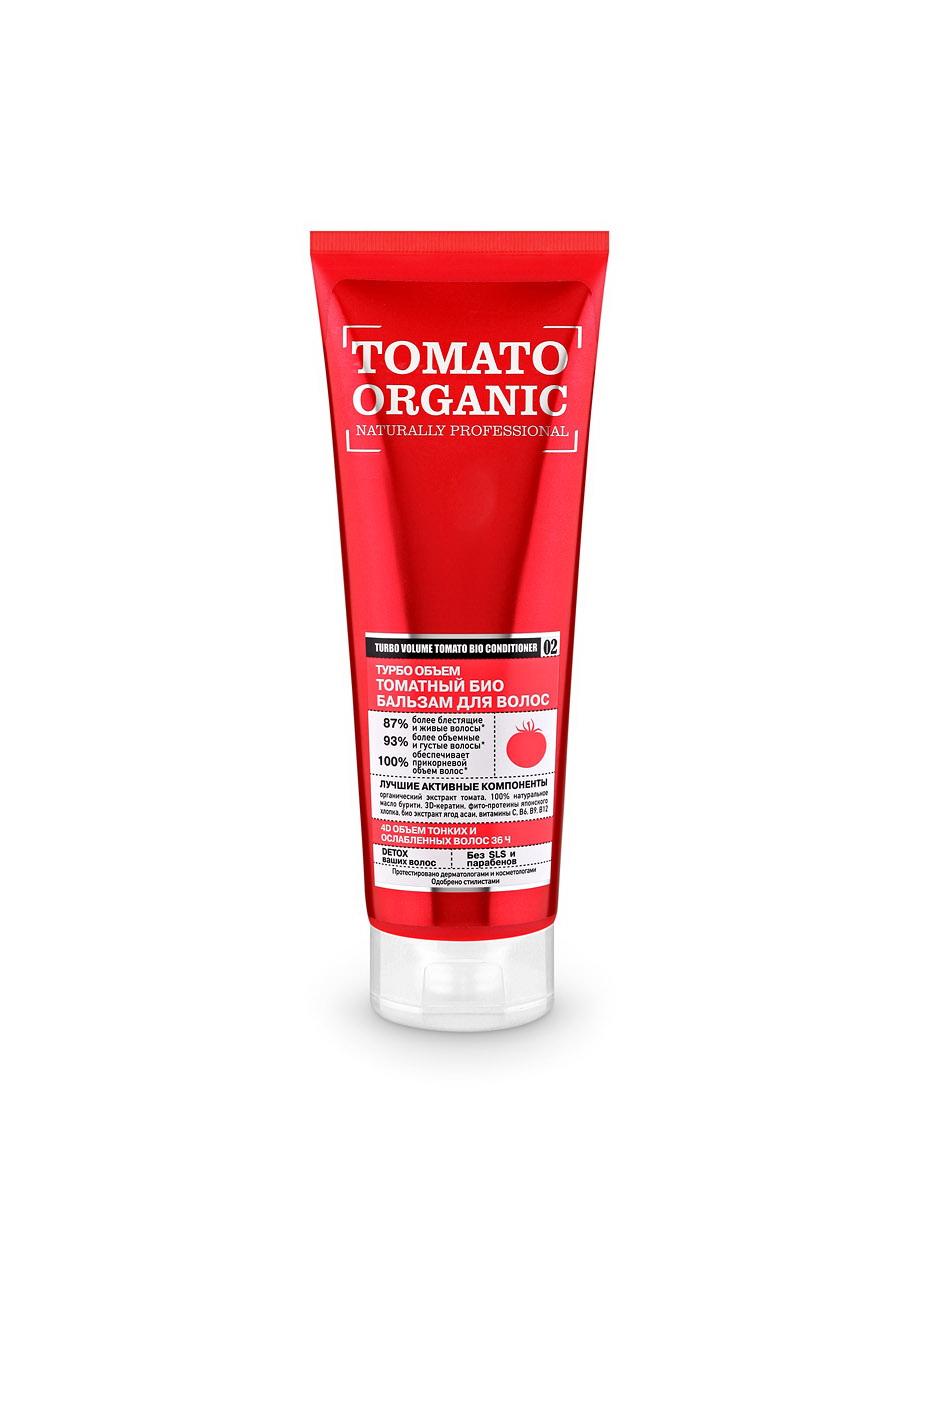 Оrganic Shop Naturally Professional Био-бальзам для волос Турбо Объем, томатный, 250 мл0861-1-4028Органический экстракт томата придает волосам роскошный объем и укрепляет их структуру. 100% натуральное масло бурити питает волосы и защищает от термо и УФ воздействия. 3D-кератин заполняет поврежденные участки волос, придавая им гладкость и шелковистость. Фито-протеины японского хлопка восстанавливают волосы по всей длине, делая их более густыми, объемными и крепкими. Экстракт ягод асаи насыщает волосы витаминами, придает им силу и блеск. Товар сертифицирован.